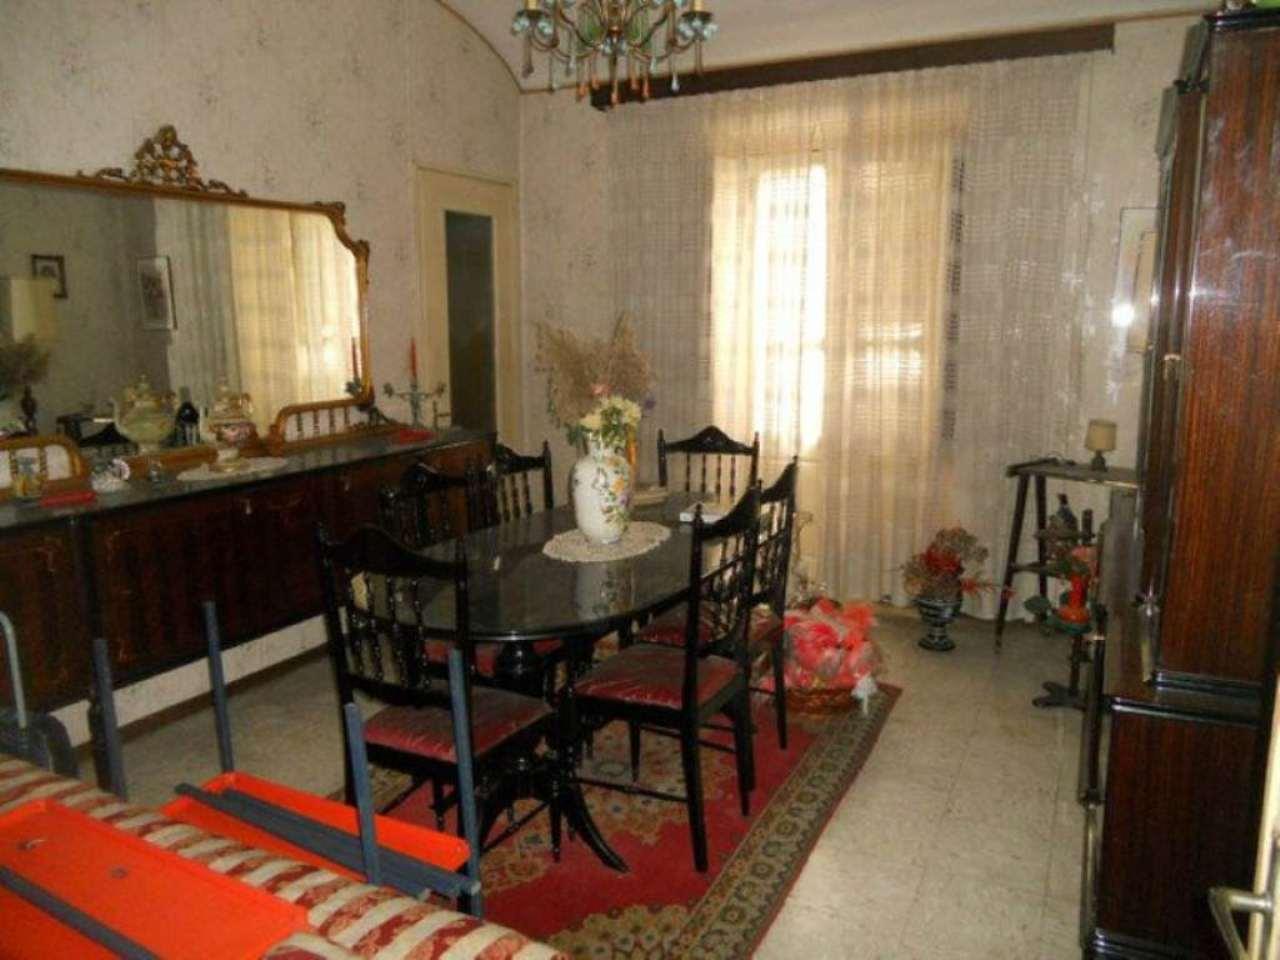 Appartamento in vendita a Bussoleno, 4 locali, prezzo € 45.000 | CambioCasa.it